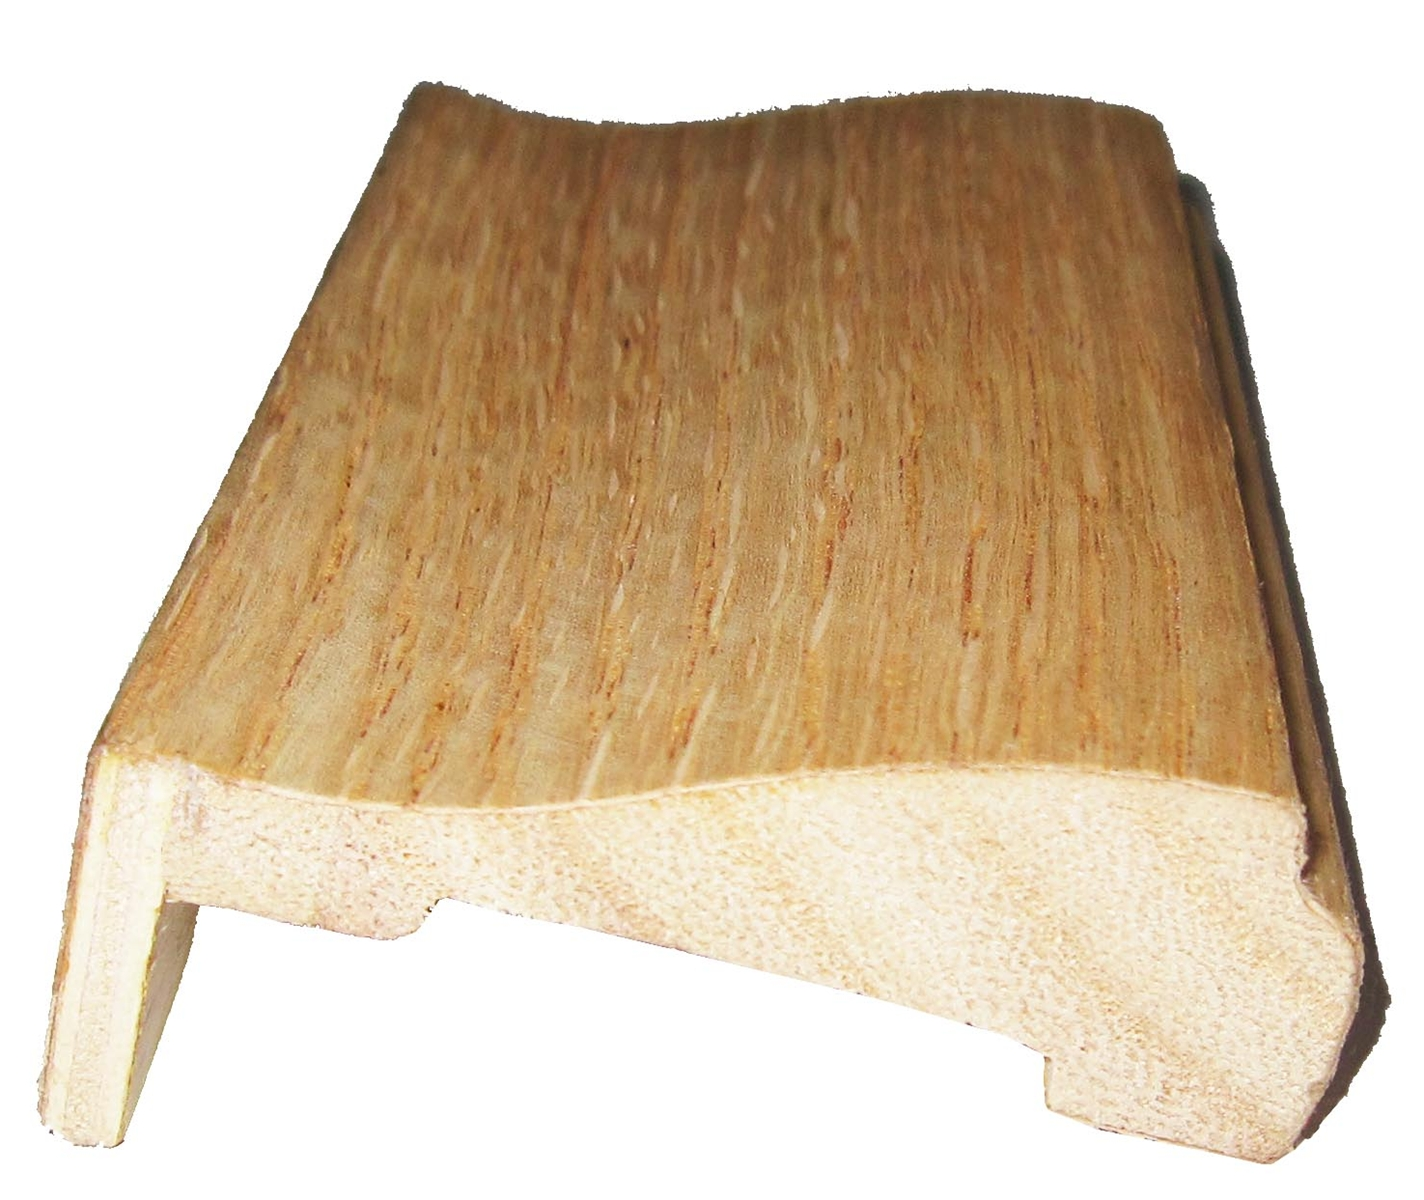 """成都鸿椿装饰材料有限公司,于2010年冬季创办的企业,也是中西部地区贴皮(包覆)木线的大型生产基地。公司坐落在国家级经济开发区温江海峡两岸科技园。拥有大型贴皮木线生产线数条,定位中高档市场。公司管理层及技术人员均拥有多年沿海大型木制品企业的成功管理经验和技艺精湛的包覆技术。 我们可以为广大的木门厂家、木地板厂家、家具厂家、进出口贸易公司及装修公司等客户提供各种线条产品的加工,也可以根据客户提供的图纸或小样进行加工,技术、质量和速度是我们的优势!! 诚信是企业的立足之本; 质量是企业的""""命门&r"""